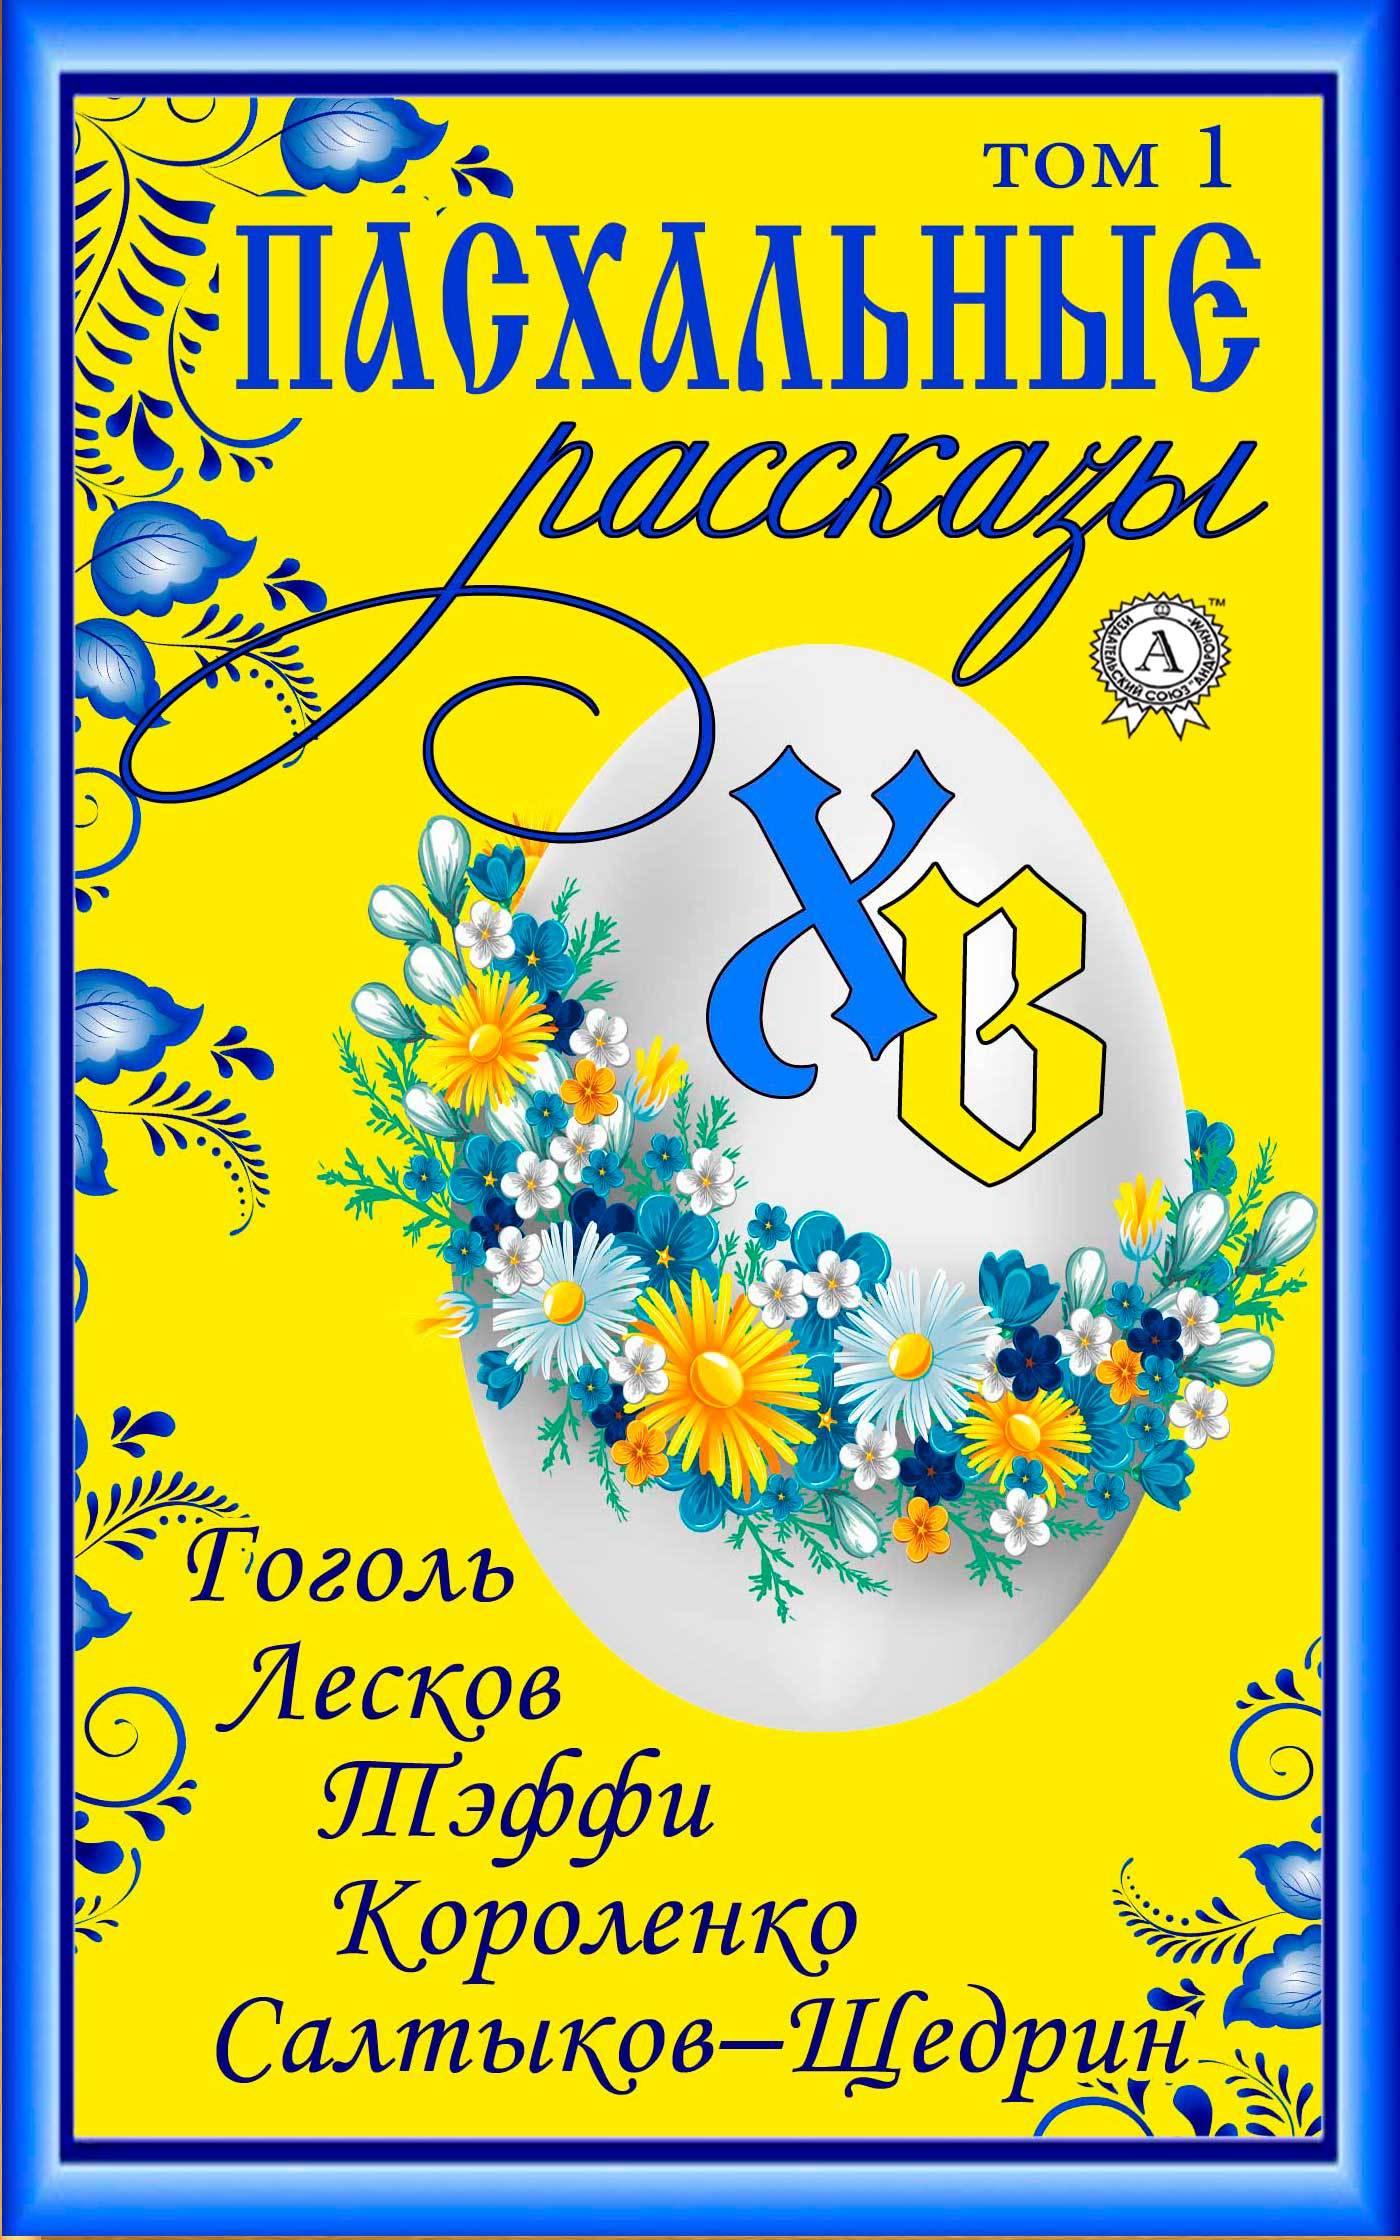 «Пасхальные рассказы». Том 1. Гоголь Н., Лесков Н., Тэффи Н., Короленко В., Салтыков-Щедрин М.